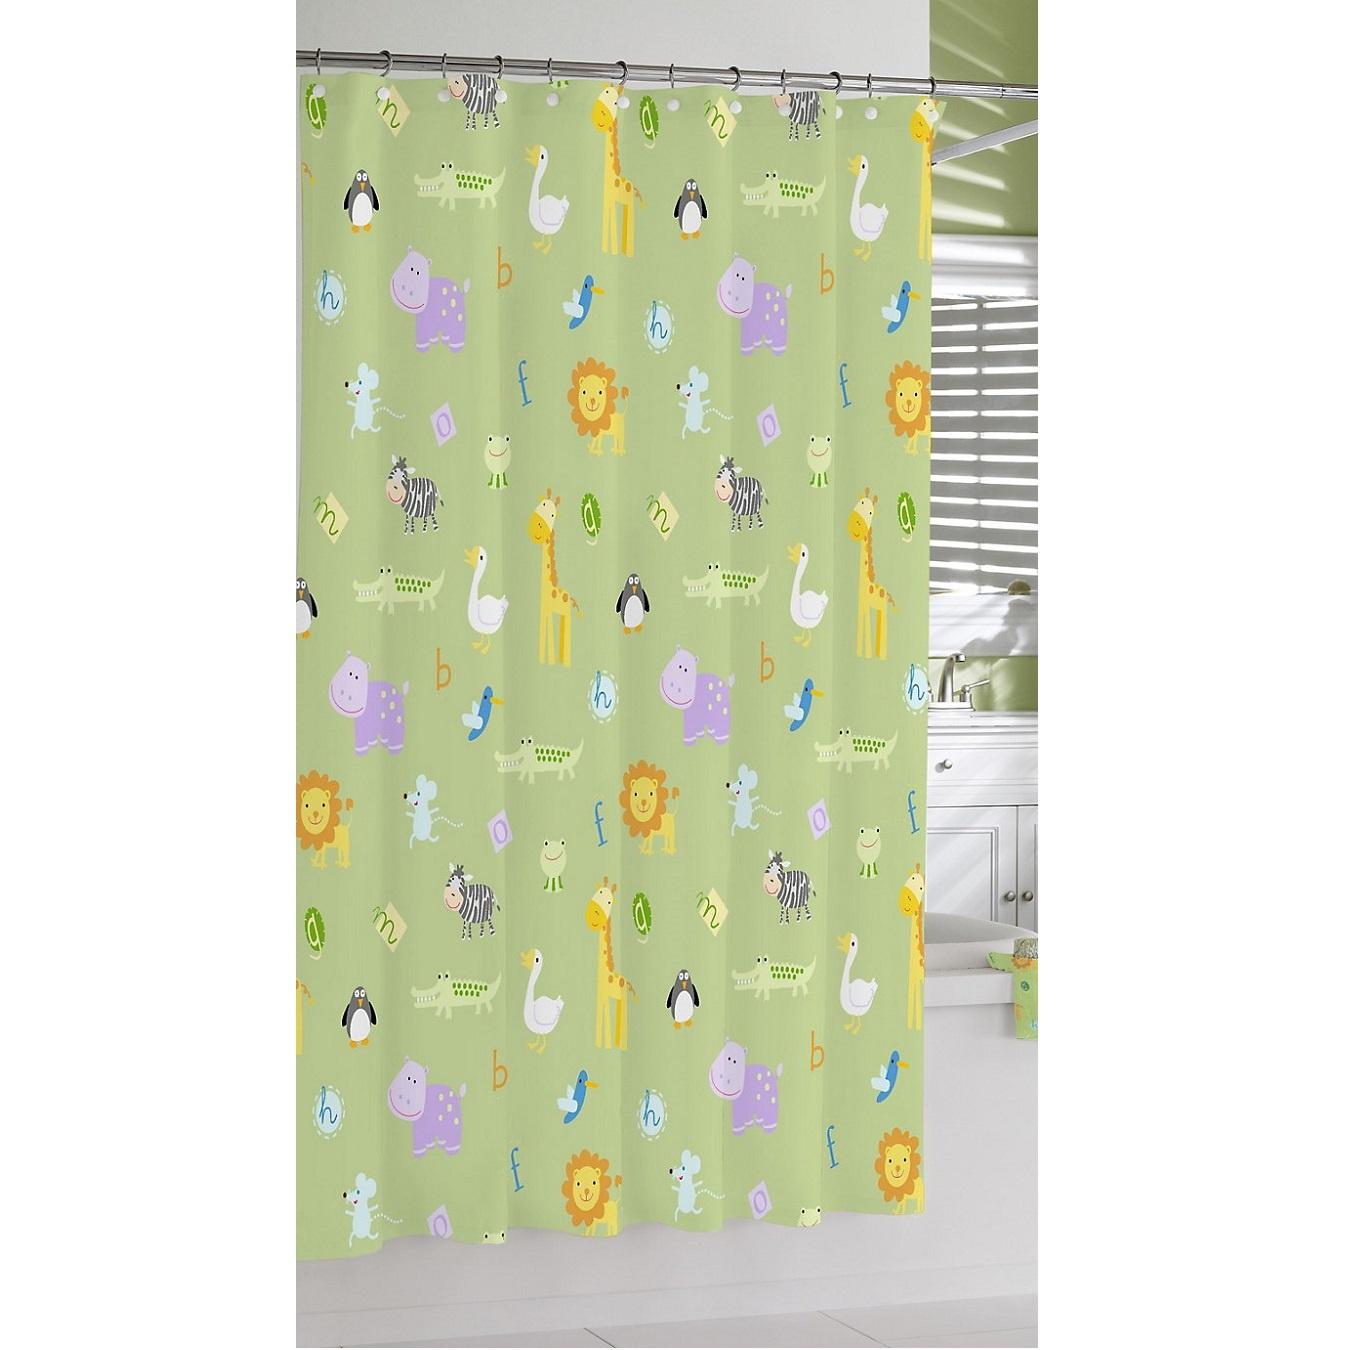 Штора для ванной Kassatex Zoo Friends Garden, зеленый, разноцветныйSCB-115-ZFR-GRNДобавив в интерьер ванной комнаты несколько стильных вещей, можно полностью преобразить ее облик и обновить дизайн. Коллекция для ванной ТМ Kassatex изобилуют разнообразными аксессуарами, которые способны создать новый образ или освежить старый. В любом случае, с ними ваше пространство засияет новыми красками. Строгие и одновременно изящные линии, тонкое чувство стиля, отменное качество исполнения рождает продукты, которые выдержат испытание временем.ВНИМАНИЕ: кольца (крючки) в комплект не входят, а приобретаются отдельно.